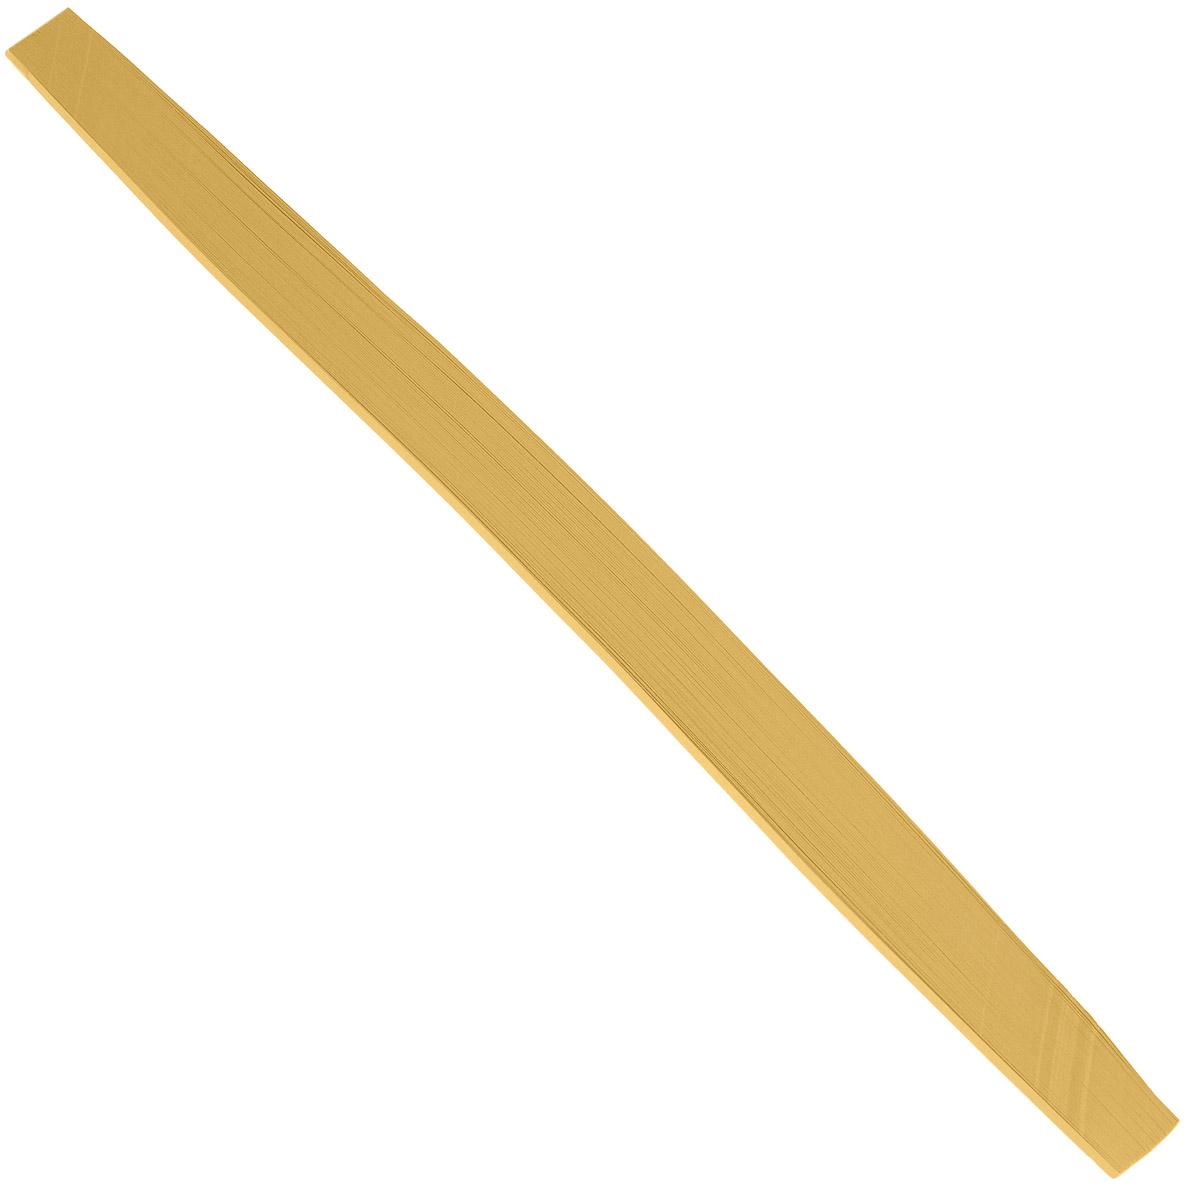 Бумага для квиллинга АртНева, цвет: бронзовый, ширина 3 мм, 100 шт106-026Бумага для квиллинга АртНева - это порезанные специальным образом полоски бумаги определенной плотности. Такая бумага пластична, не расслаивается, легко и равномерно закручивается в спираль, благодаря чему готовым спиралям легче придать форму. Квиллинг (бумагокручение) - техника изготовления плоских или объемных композиций из скрученных в спиральки длинных и узких полосок бумаги. Из бумажных спиралей создаются необычные цветы и красивые витиеватые узоры, которые в дальнейшем можно использовать для украшения открыток, альбомов, подарочных упаковок, рамок для фотографий и даже для создания оригинальных бижутерий. Это простой и очень красивый вид рукоделия, не требующий больших затрат. Ширина полоски бумаги: 3 мм.Длина полоски бумаги: 35 см.Плотность бумаги: 120 г/м2.